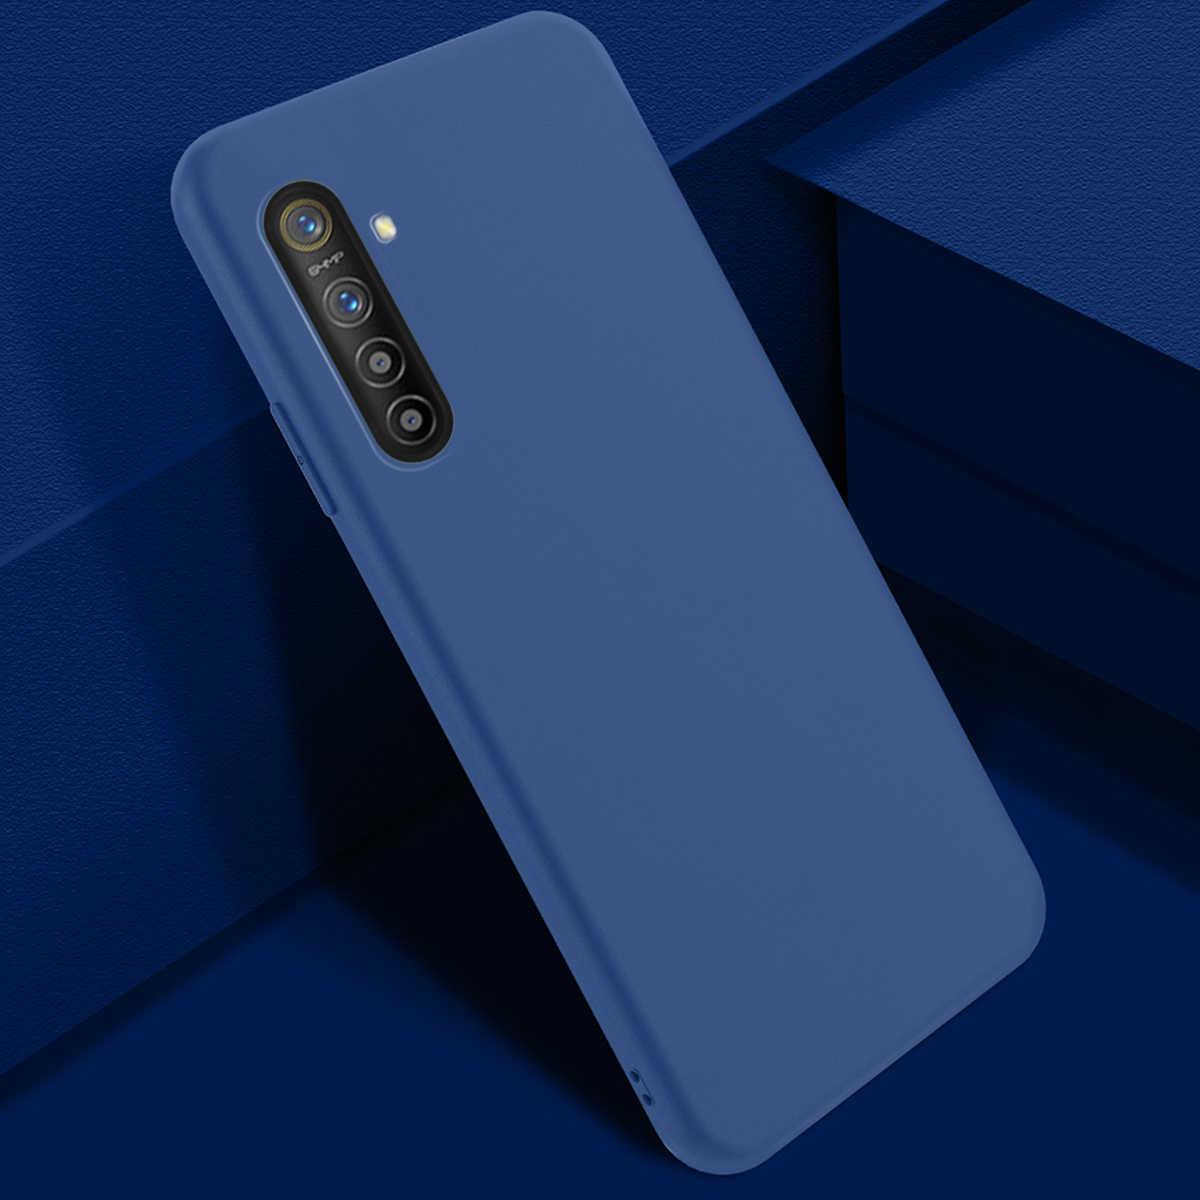 עבור Oppo Realme X2 XT 5 6 פרו 5 5i 5S C3 מקרה Oppo Reno2 Z רינו 2 Ace למצוא x2 A9 2020 רך TPU כיסוי מובנה קטיפה חומר